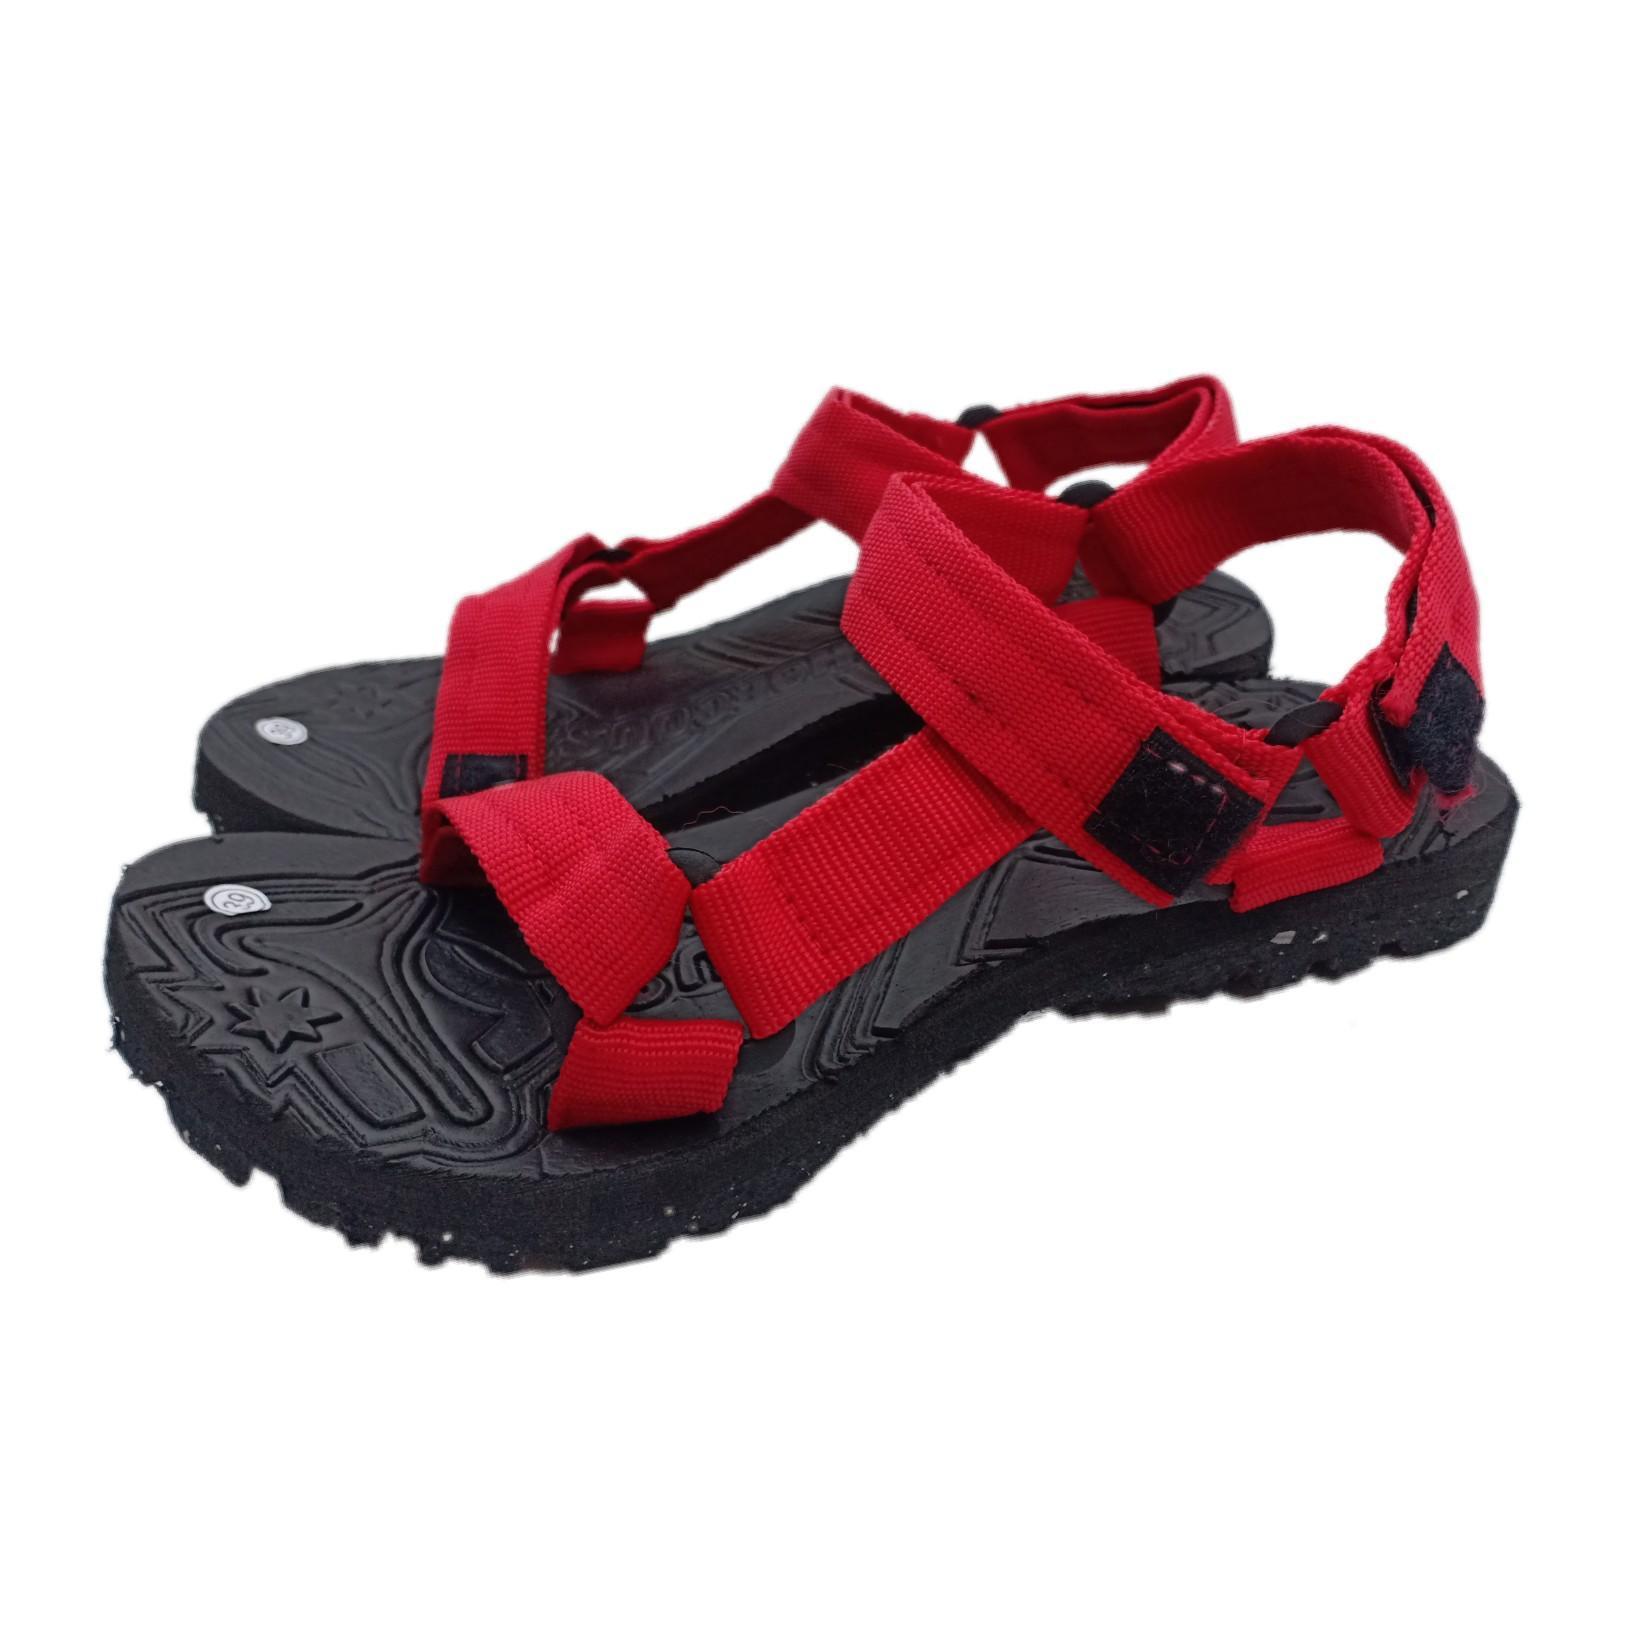 Arsy Sport / Sandal Gunung Pria / Sandal selop / Sandal Pria / Sandal Murah - Merah